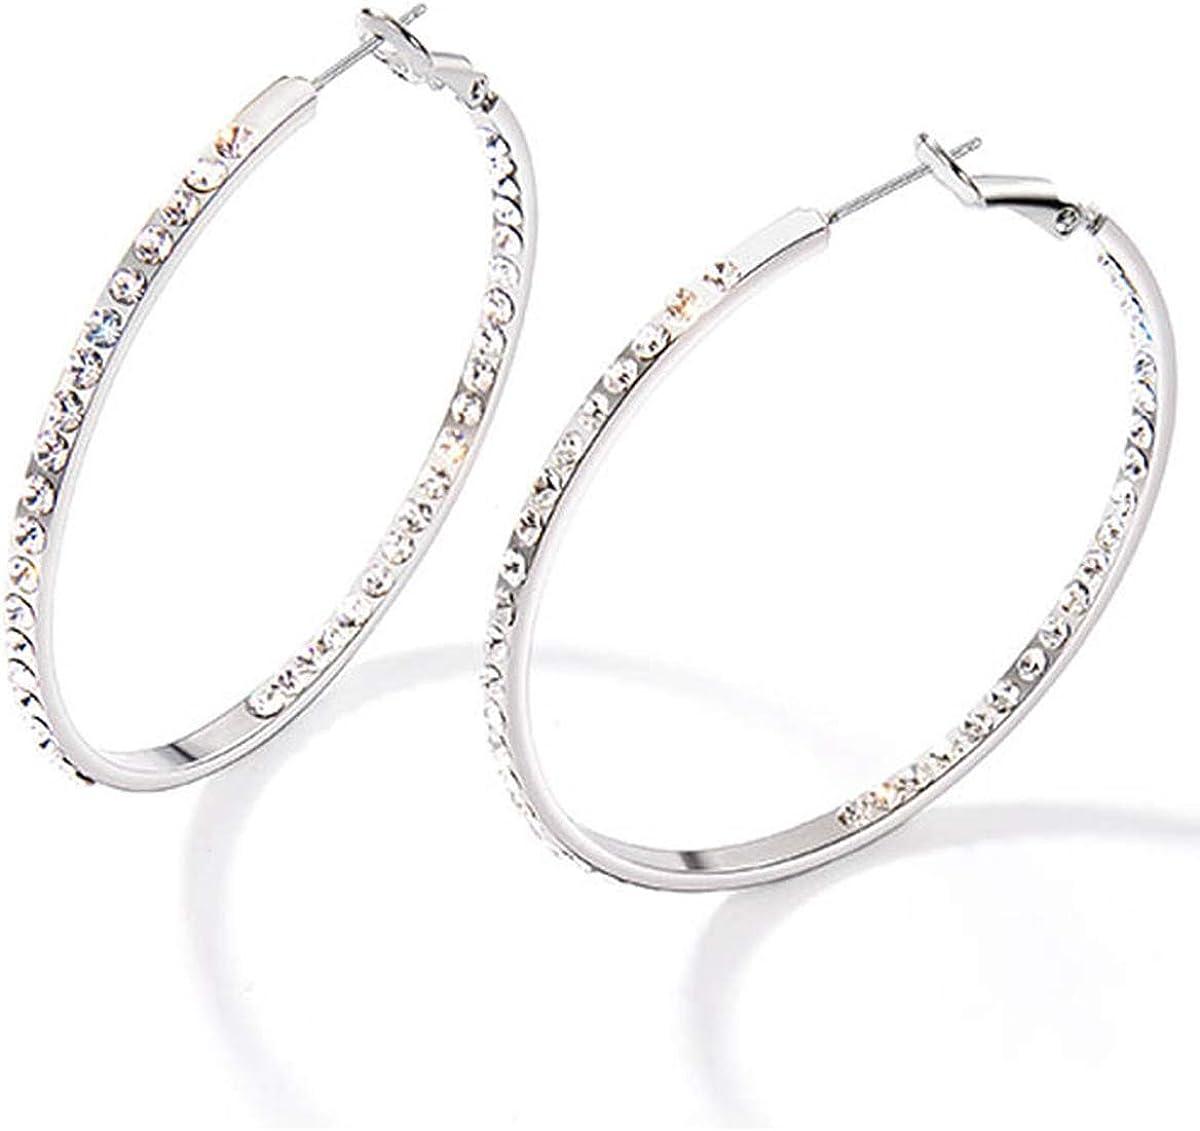 Stainless Steel Round Hoop Earrings Set for Women Girls/… Cereza Big Hoop Earrings